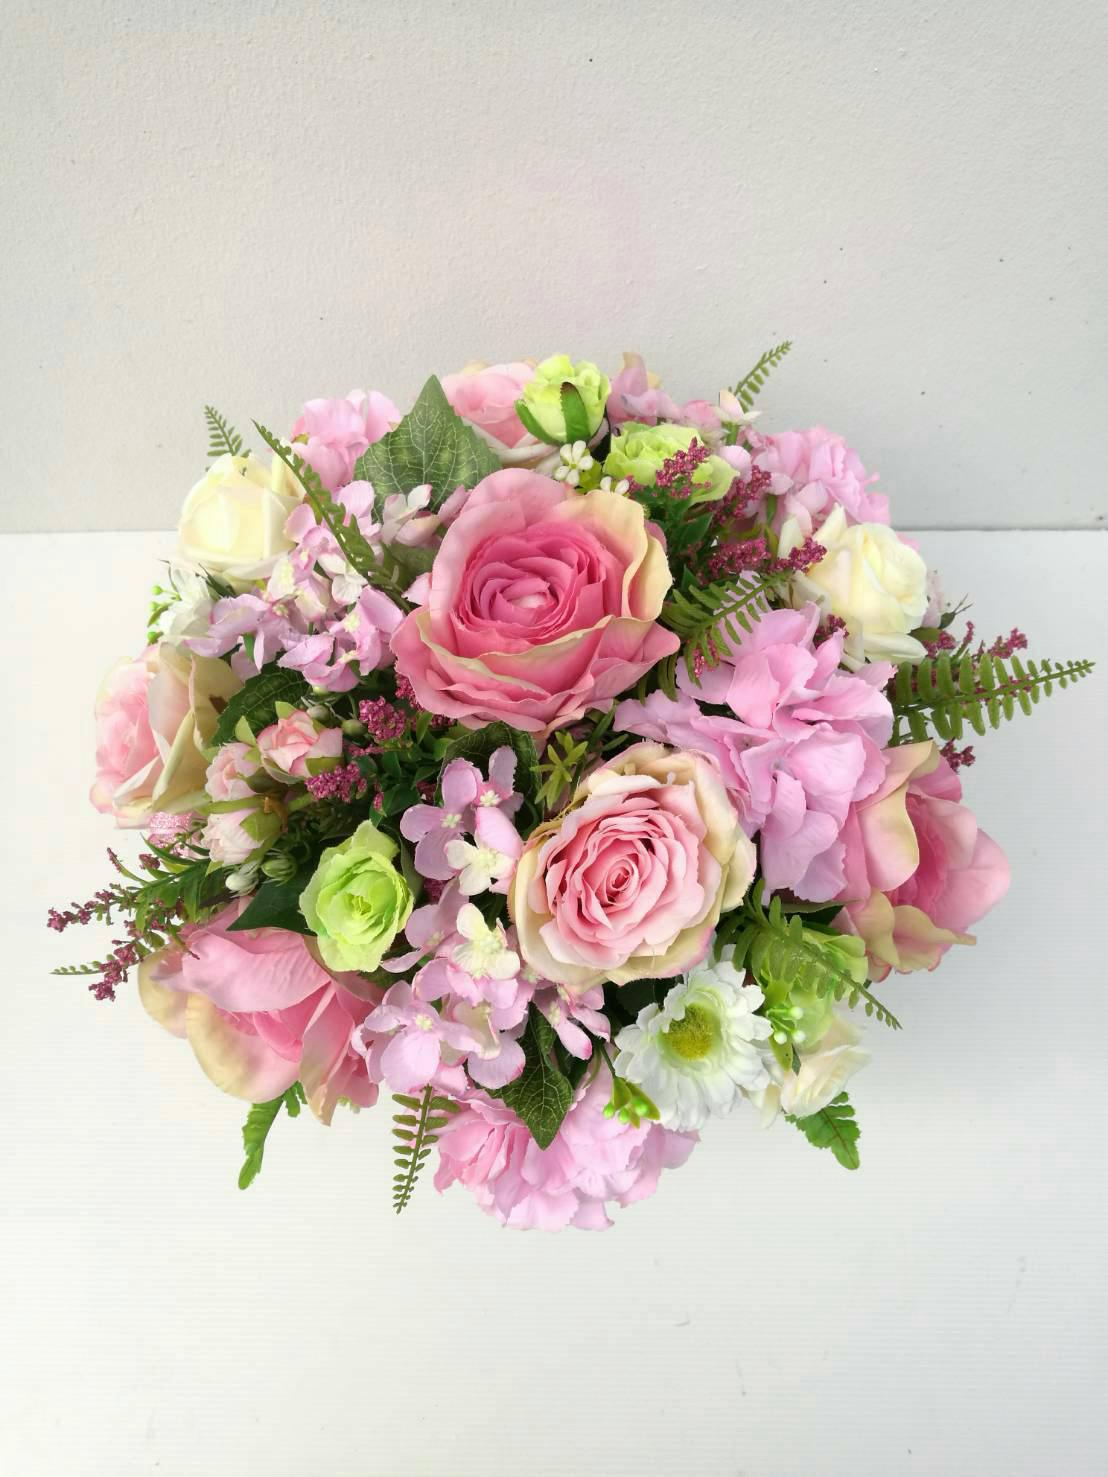 แจกันดอกไม้ประดิษฐ์ทรงกลมโทนชมพู รหัส 3093